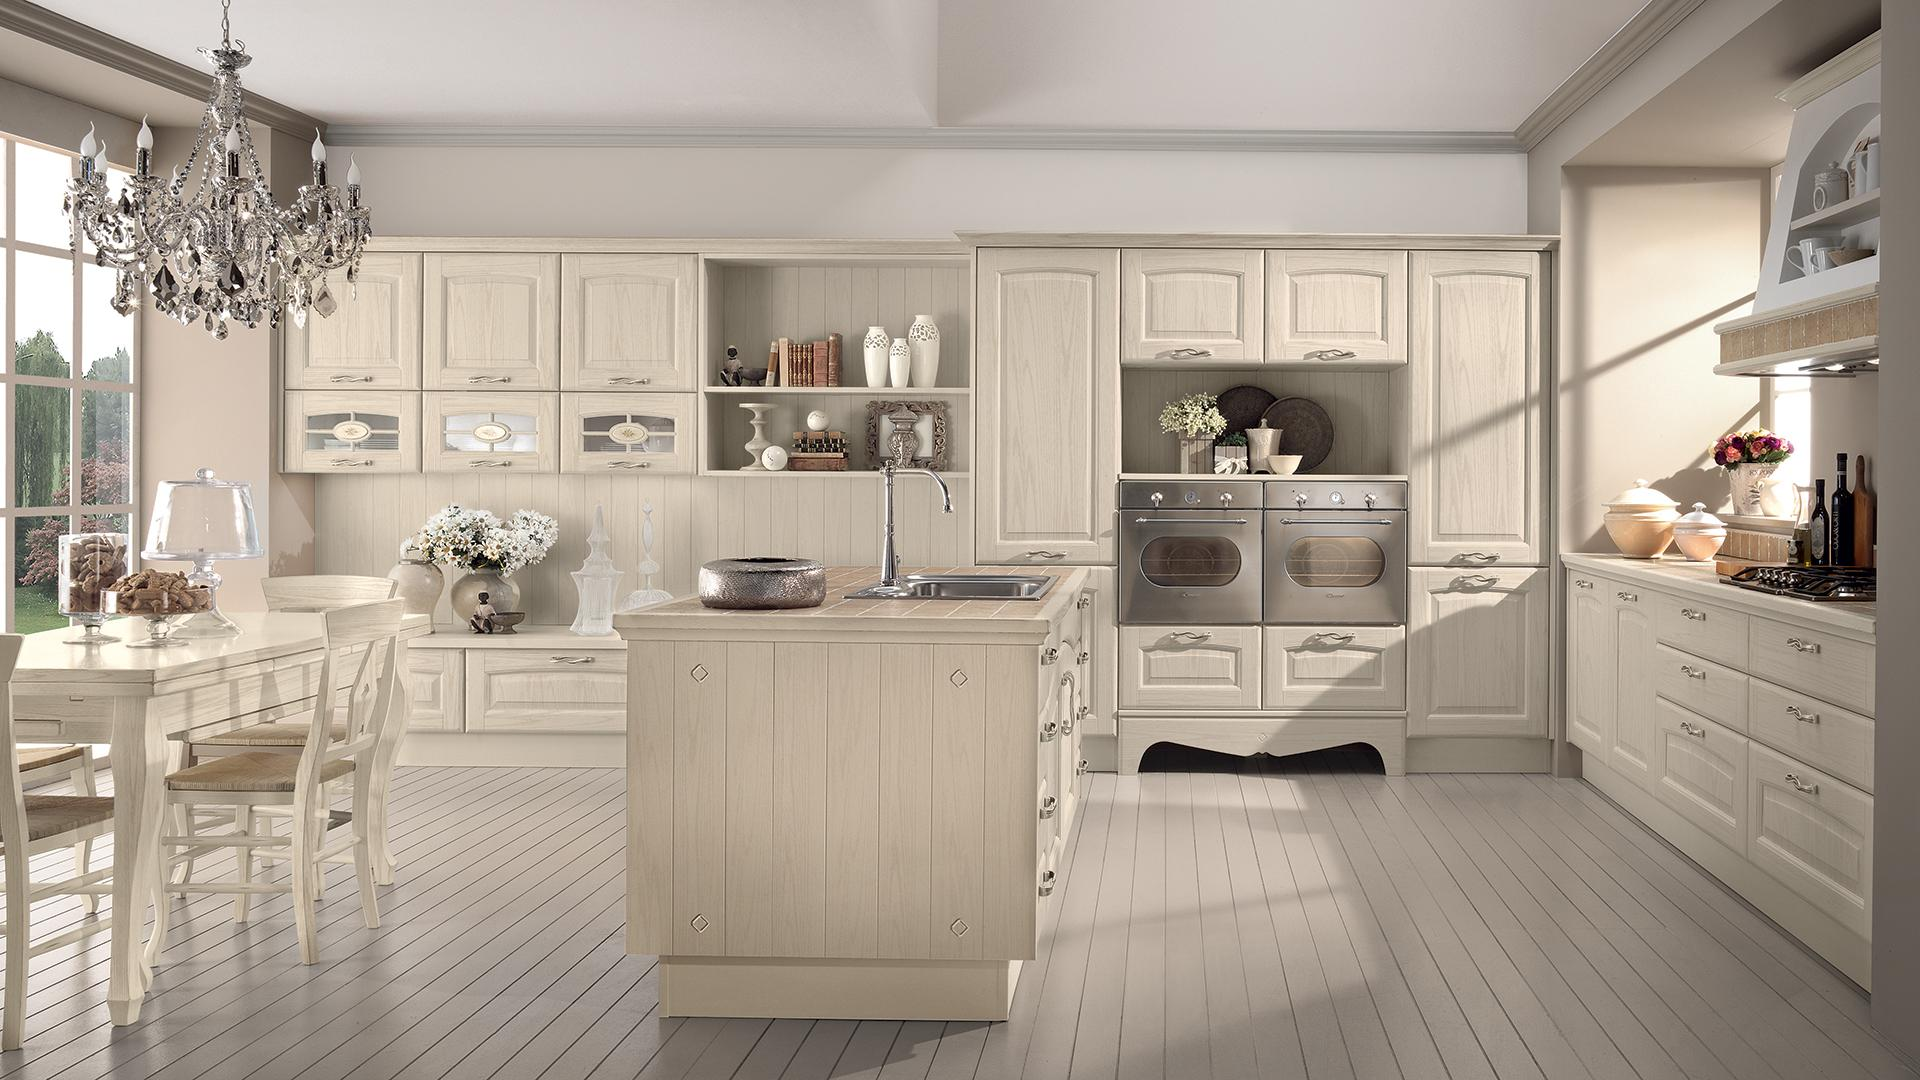 Cucina con isola le soluzioni da non perdere di lube - Cucina rustica con isola ...